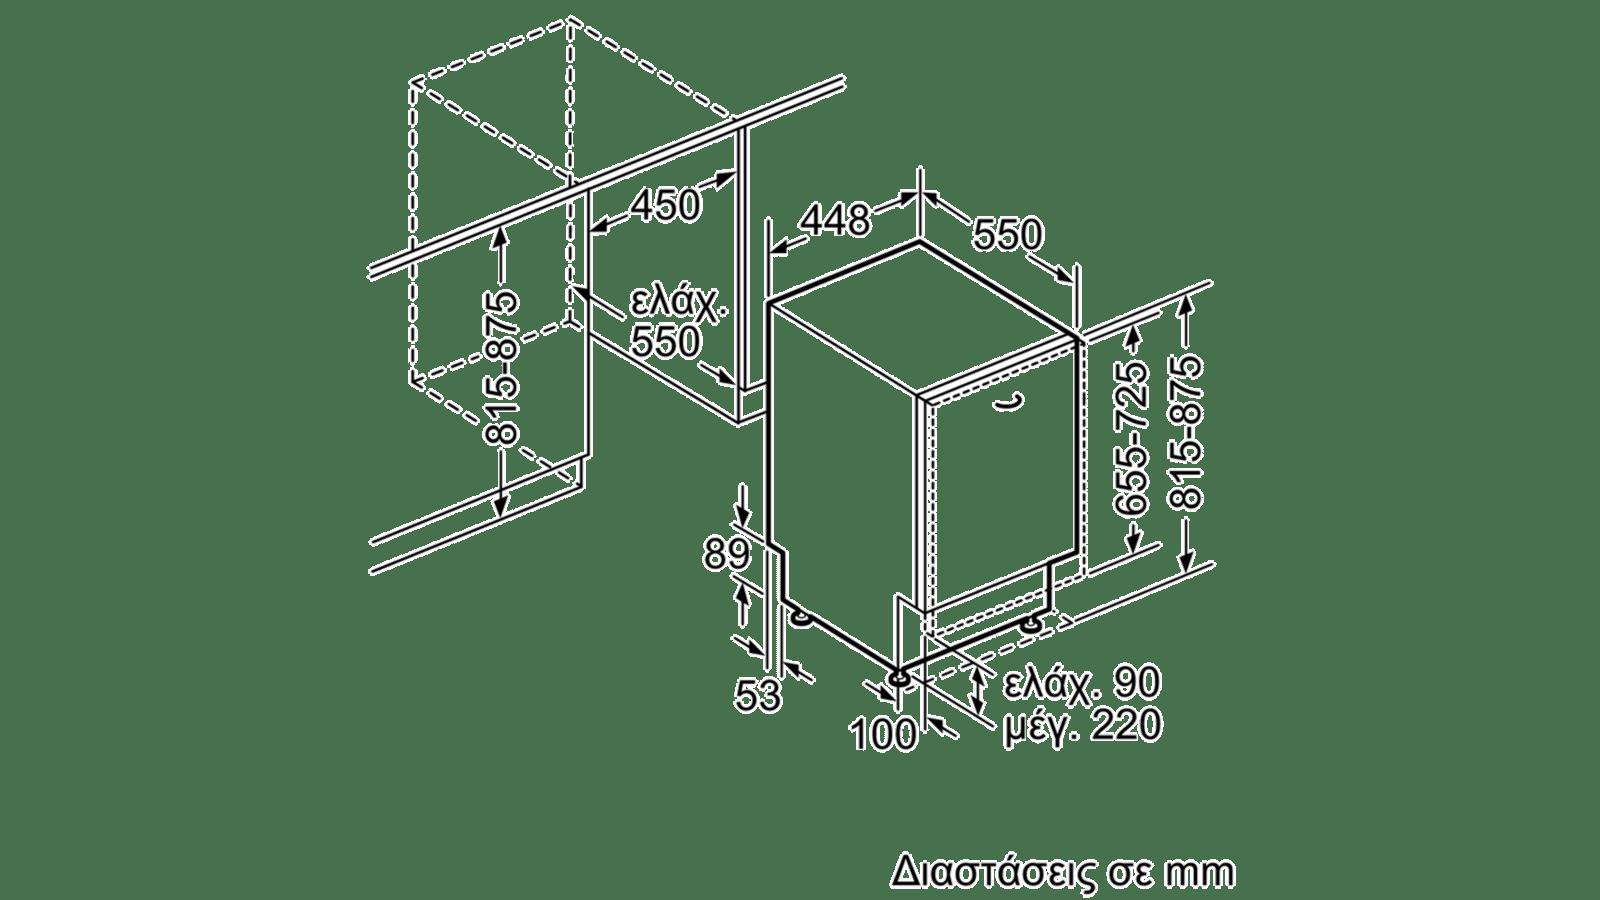 http://media3.bosch-home.com/Line_Drawings/1600x900/MCZ_012096_S58E40X0EU_el-GR.png